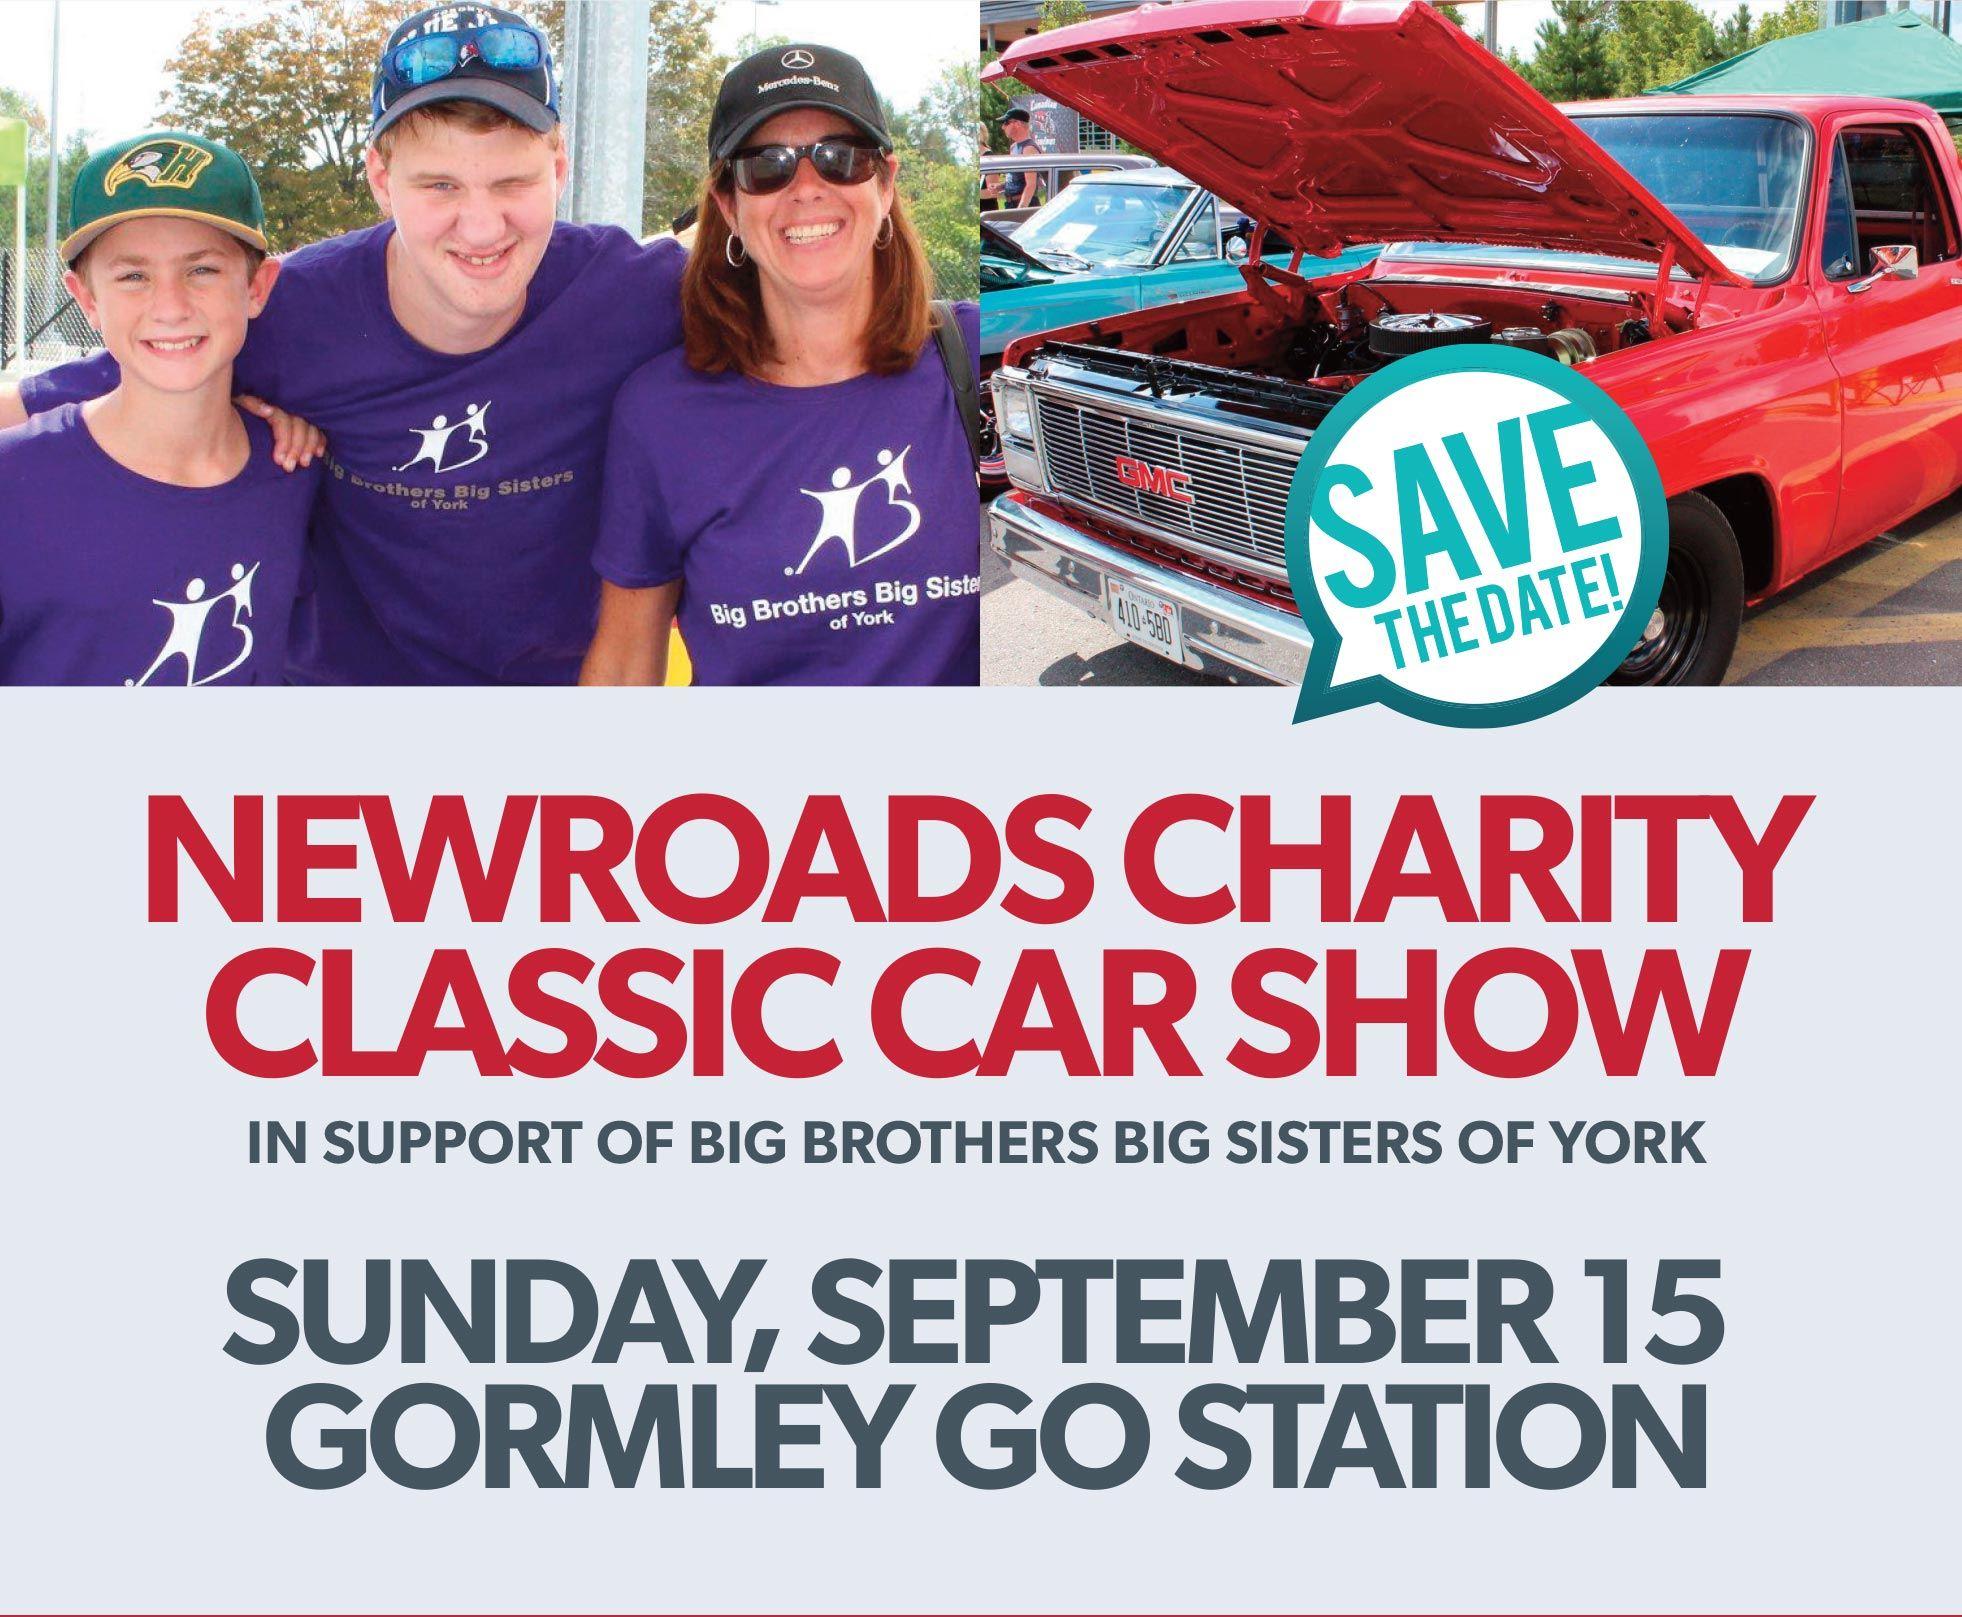 NewRoads Charity Classic Car Show